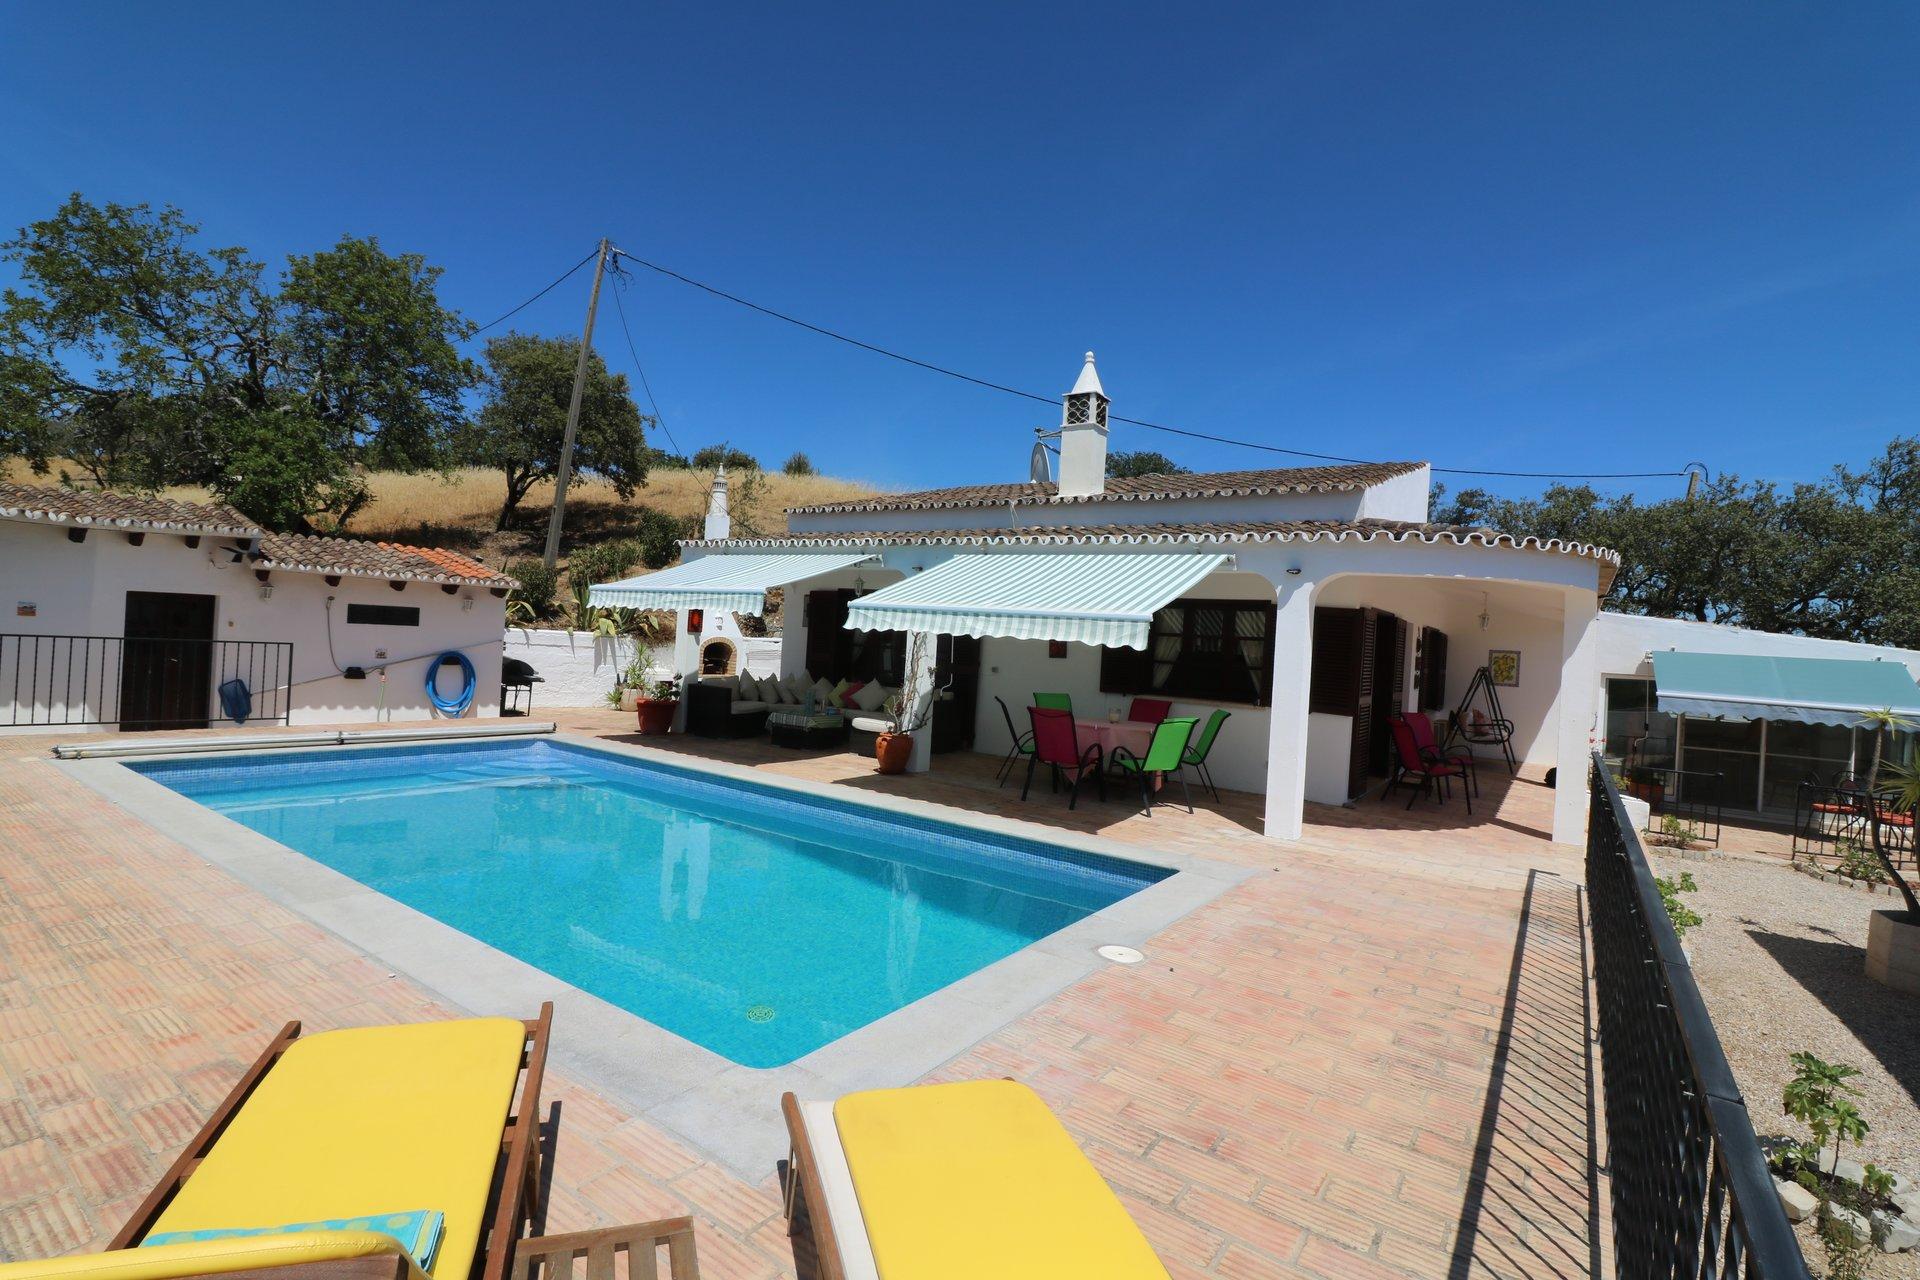 3 Bedroom Villa Sao Bras de Alportel, Central Algarve Ref: JV10377